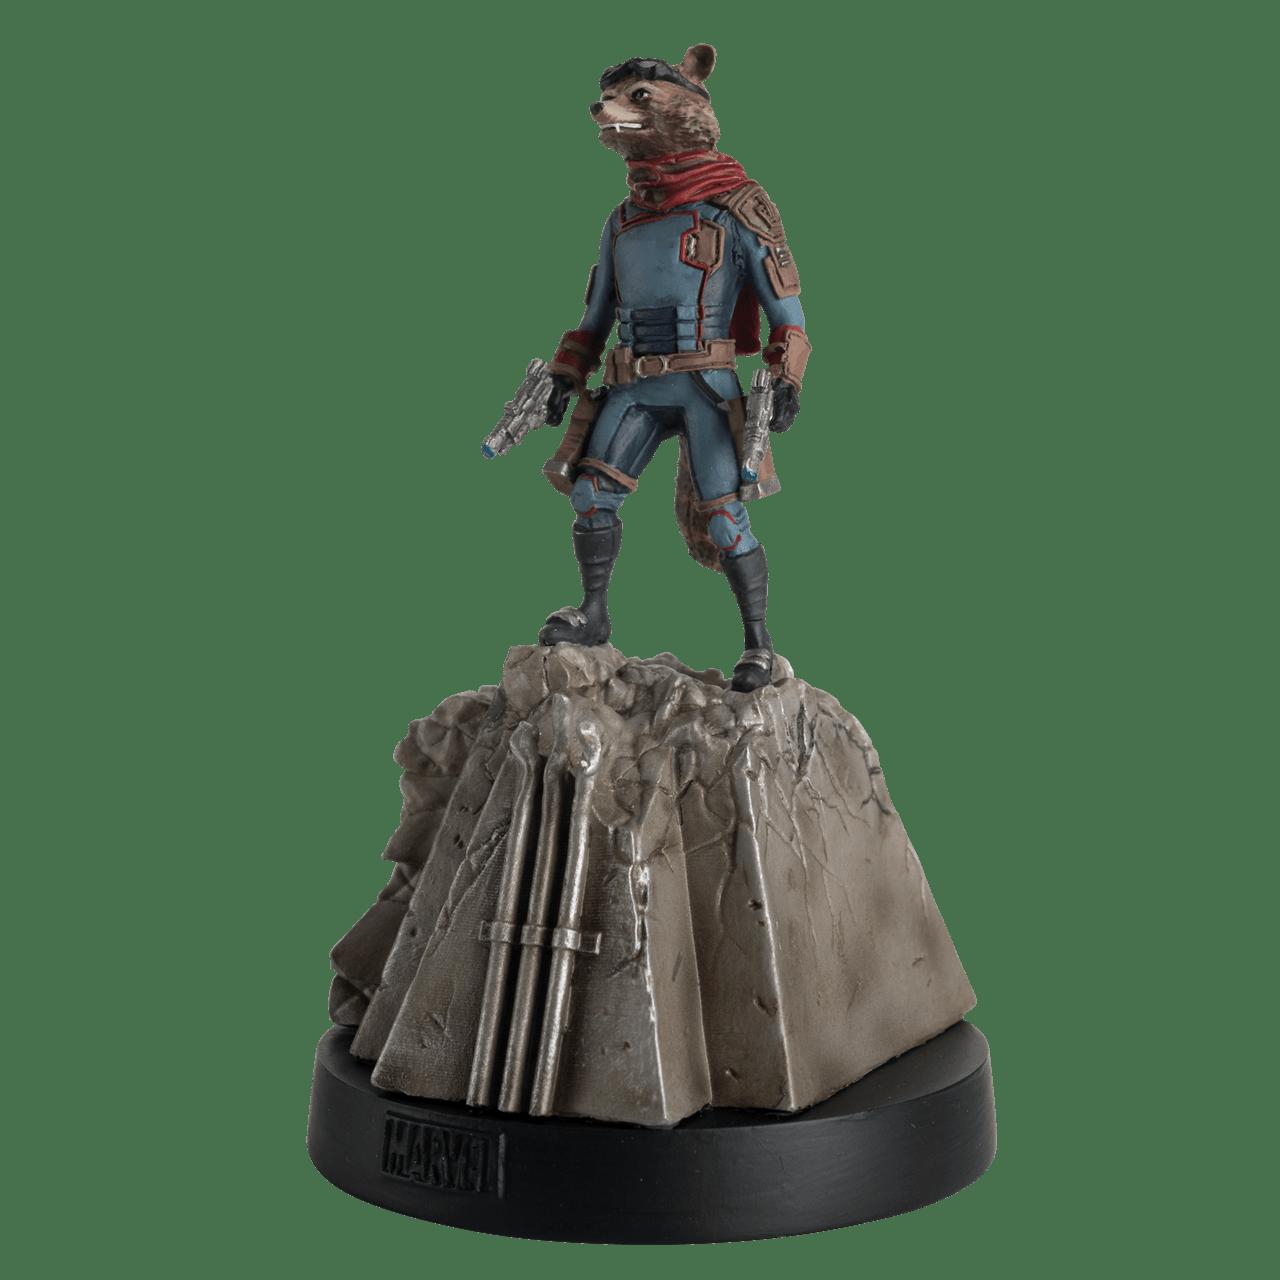 Rocket Figurine: Special Marvel Hero Collector - 2